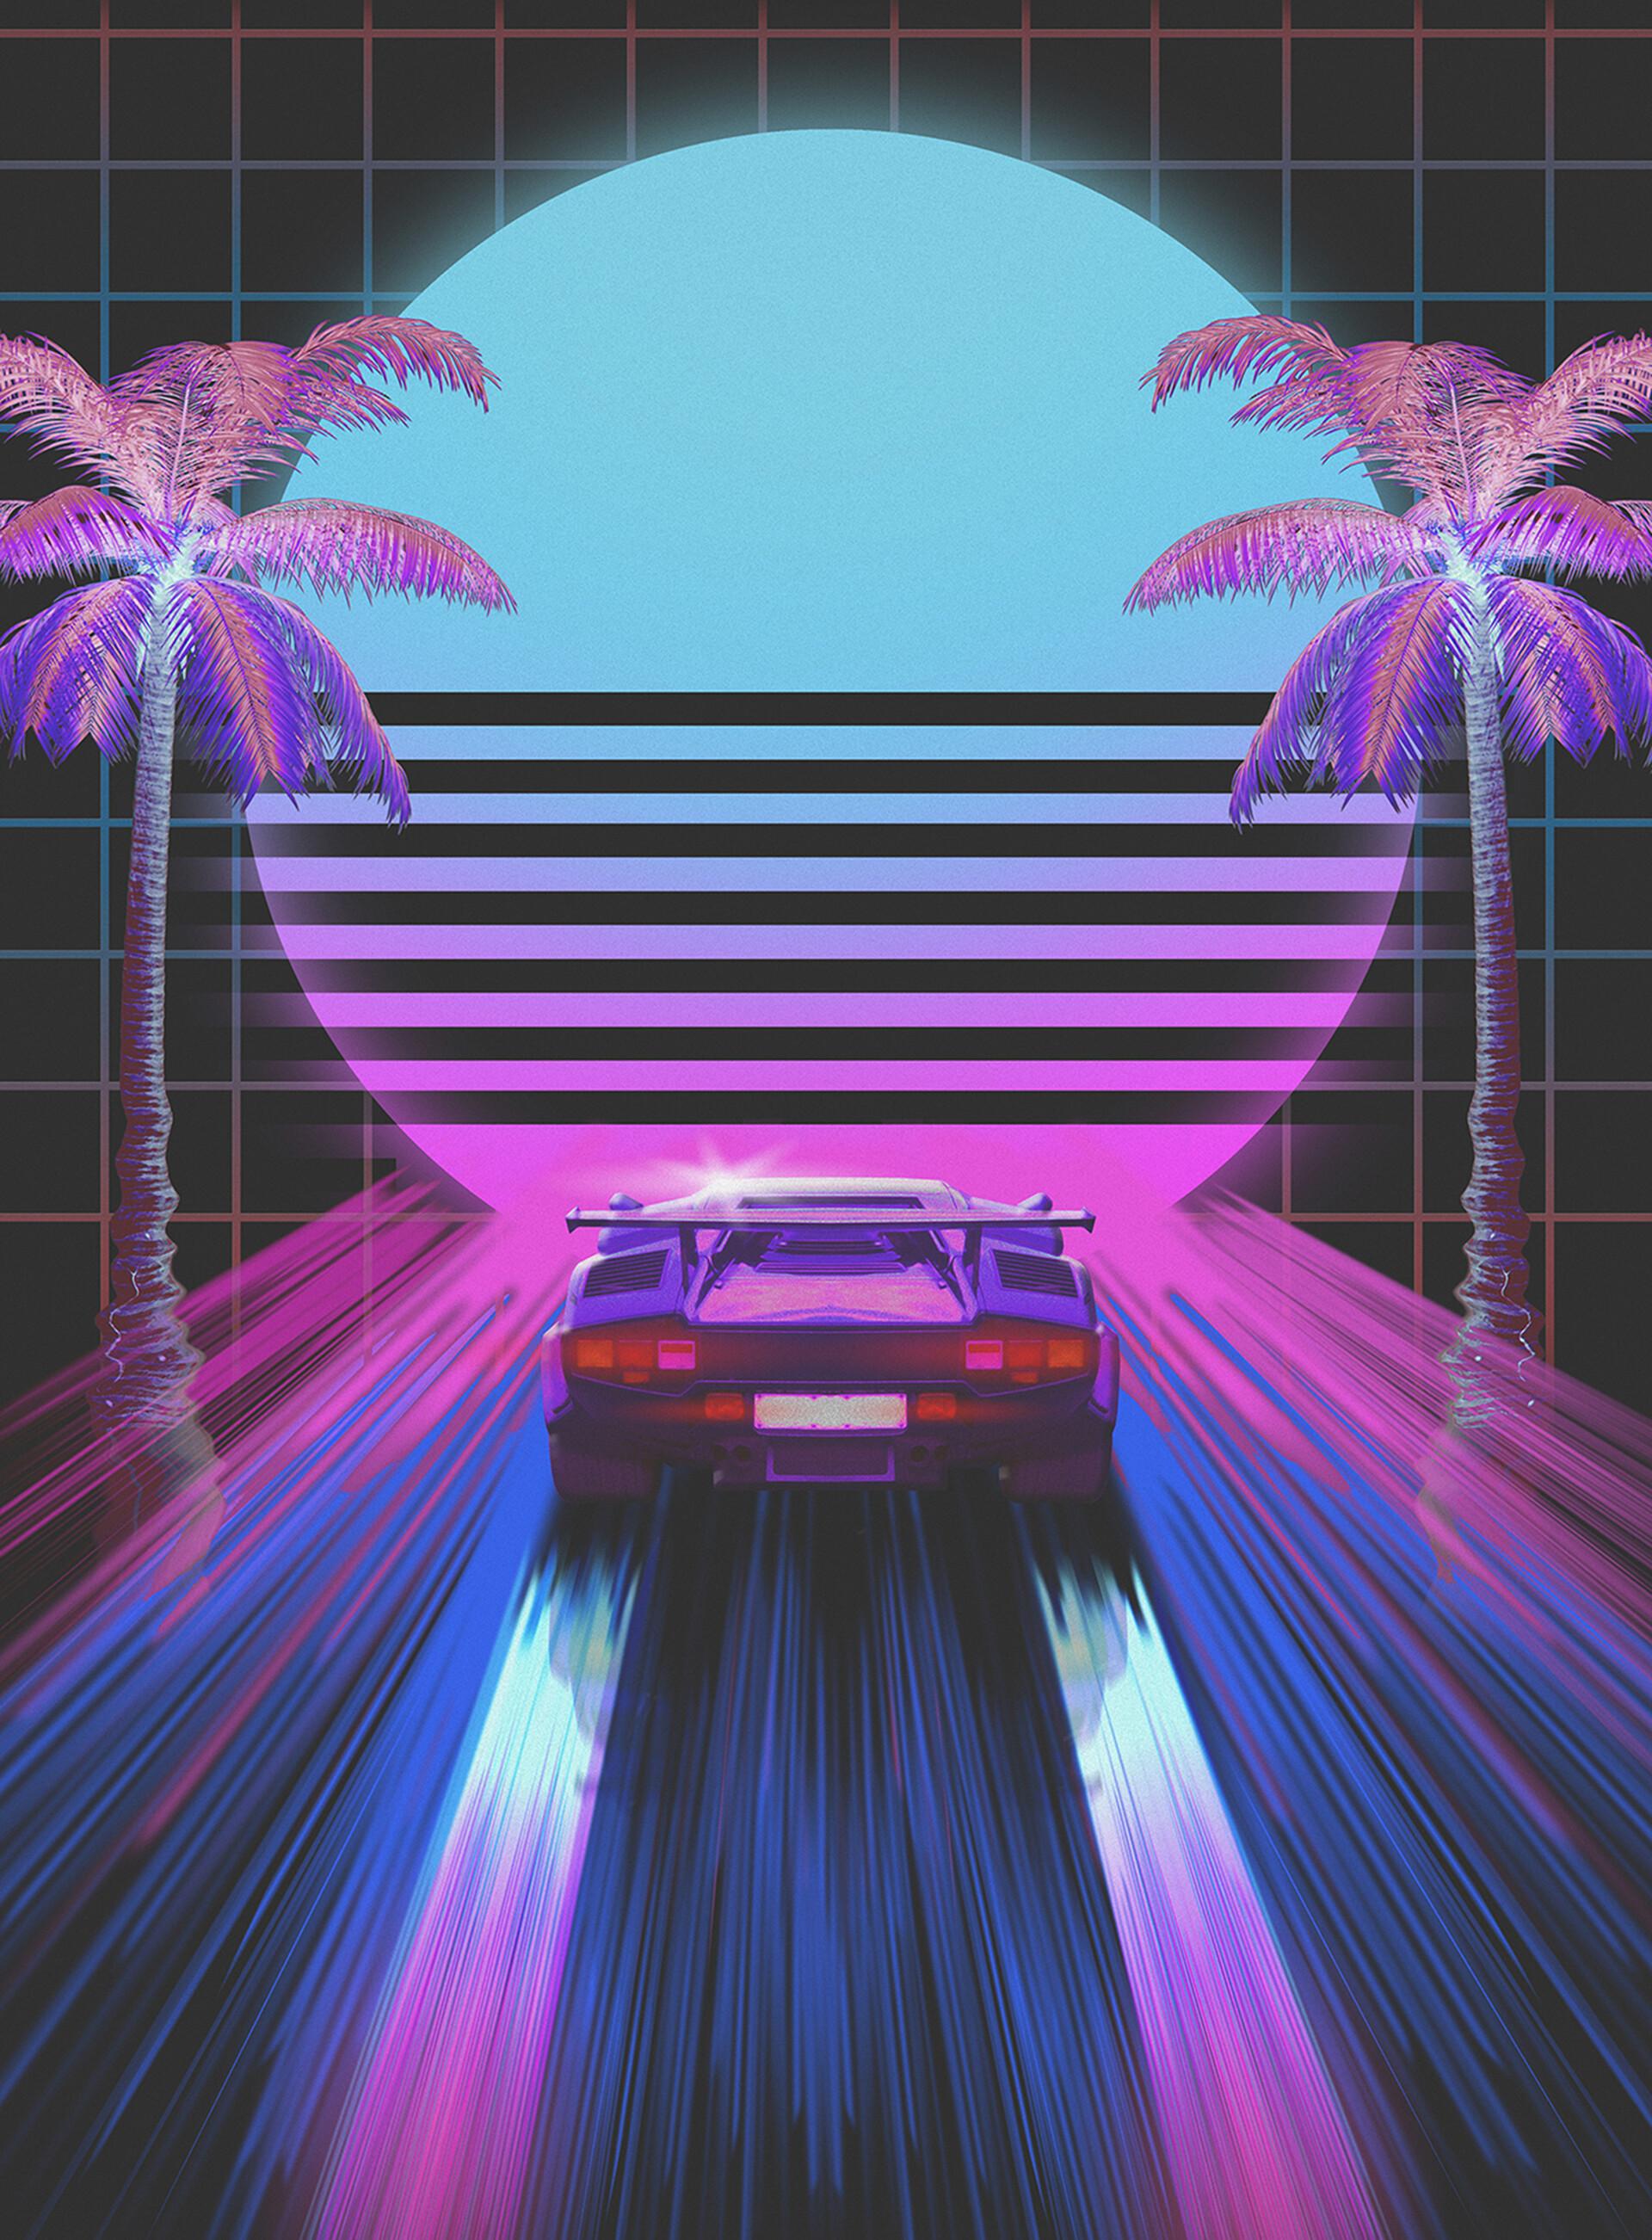 89440 Hintergrundbild herunterladen Auto, Kunst, Cars, Maschine, Neon, Retro, Die 80Er Jahre, 80 - Bildschirmschoner und Bilder kostenlos